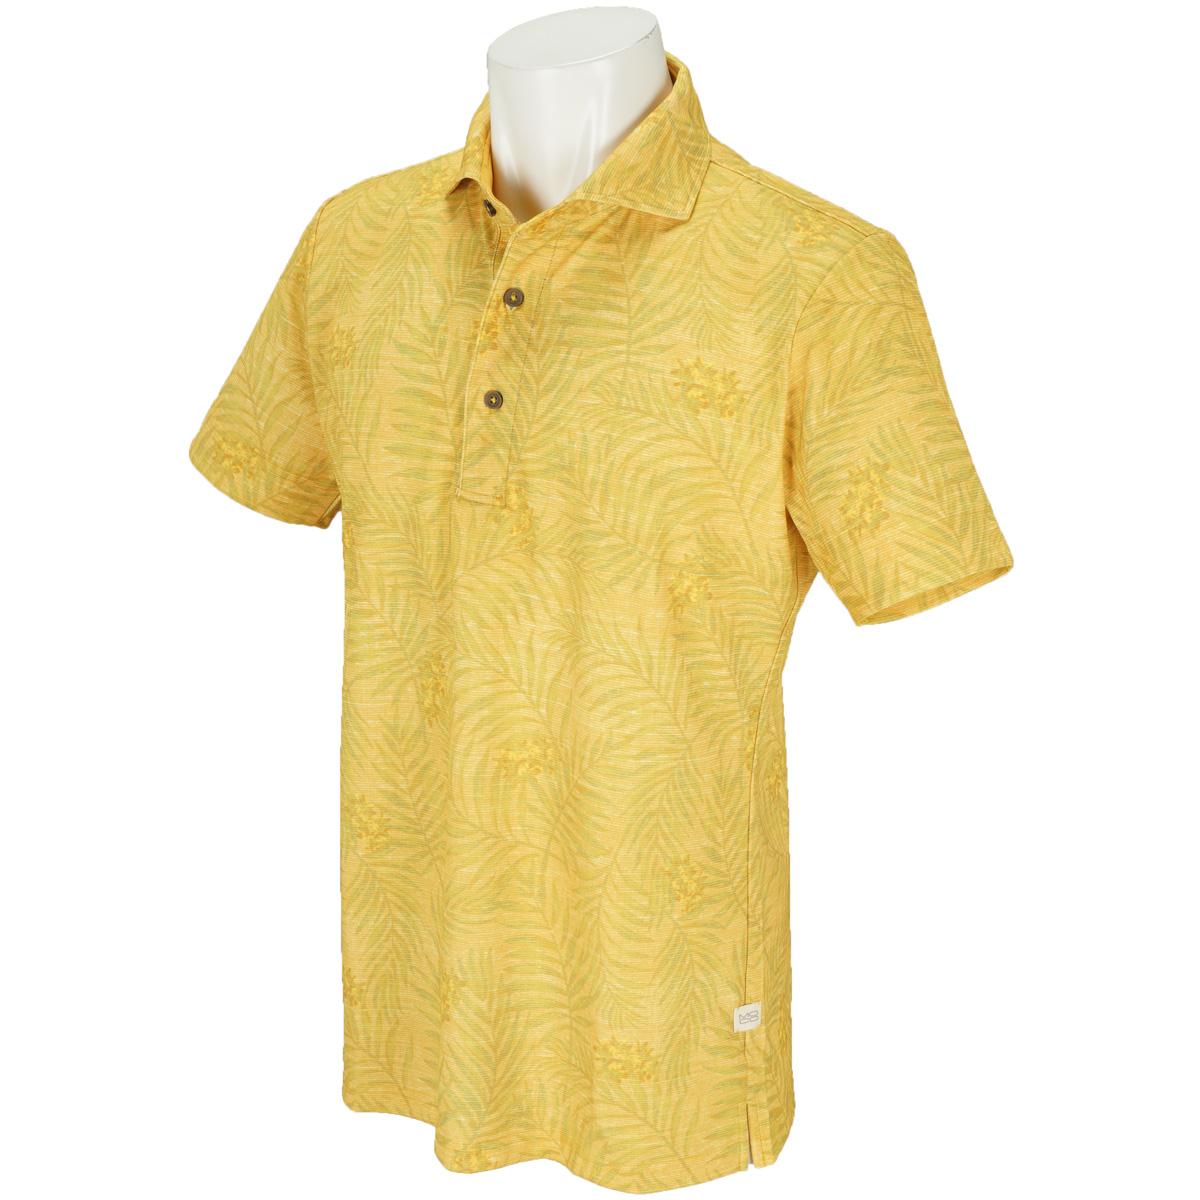 パームオックス半袖ポロシャツ